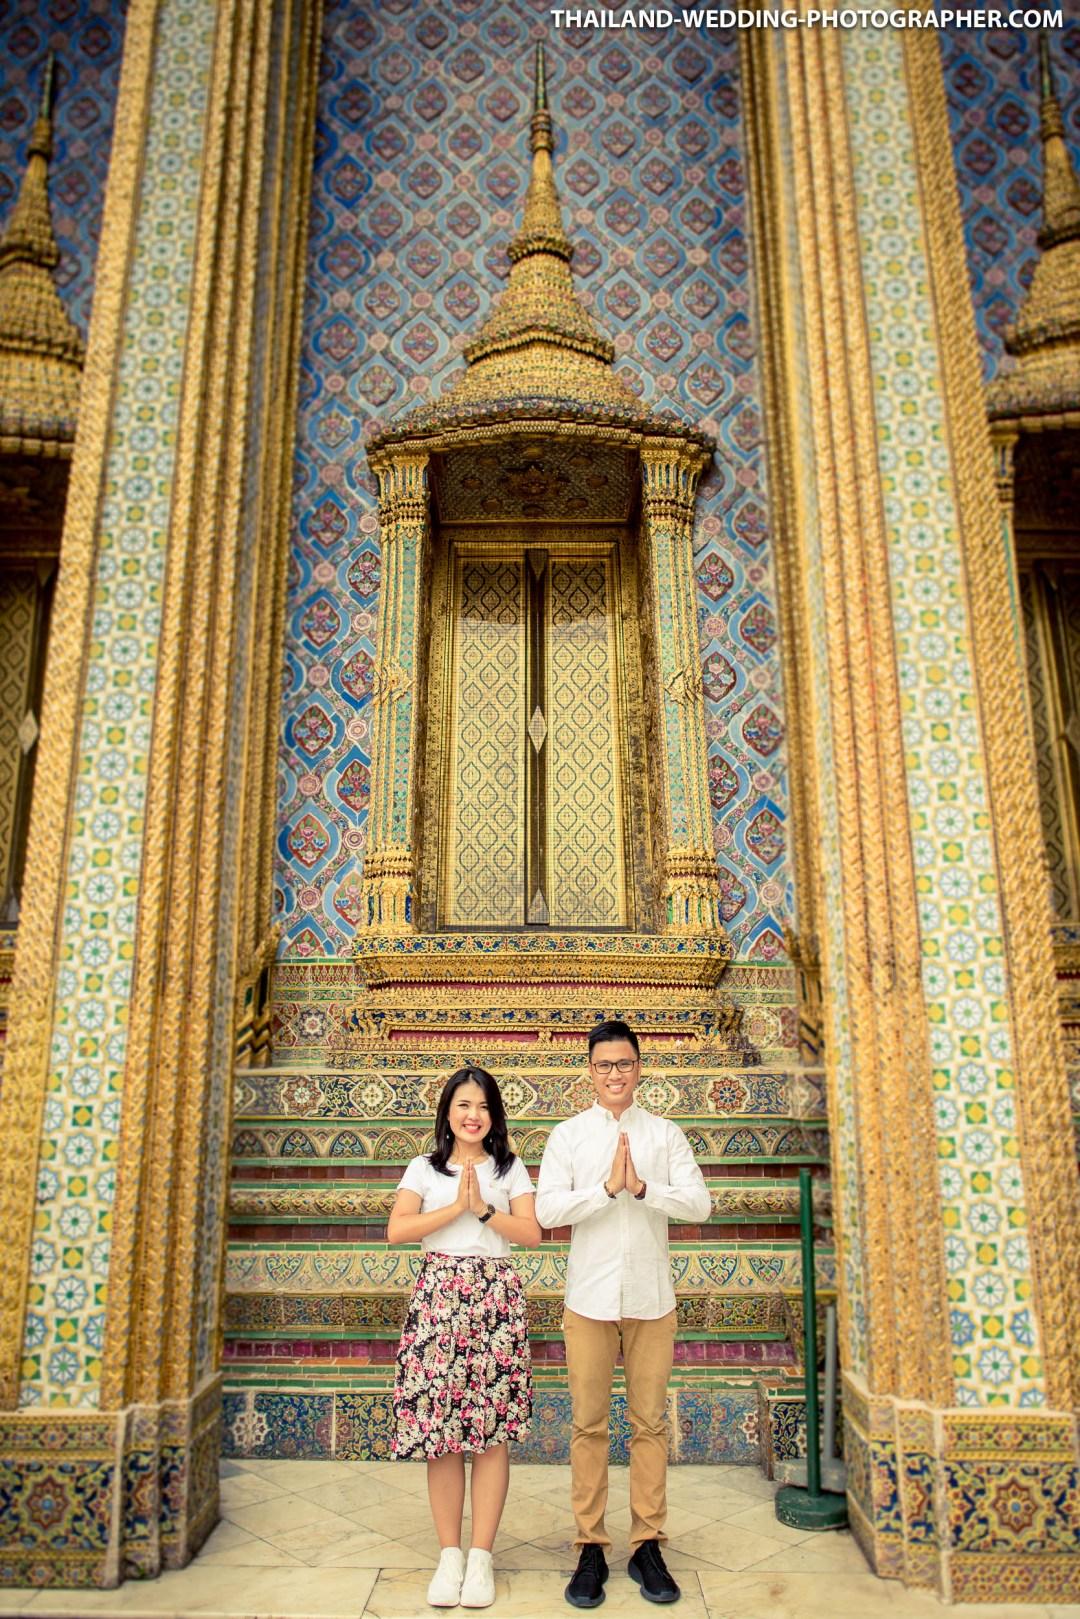 Thailand Bangkok The Grand Palace Wedding Photography | NET-Photography Thailand Wedding Photographer